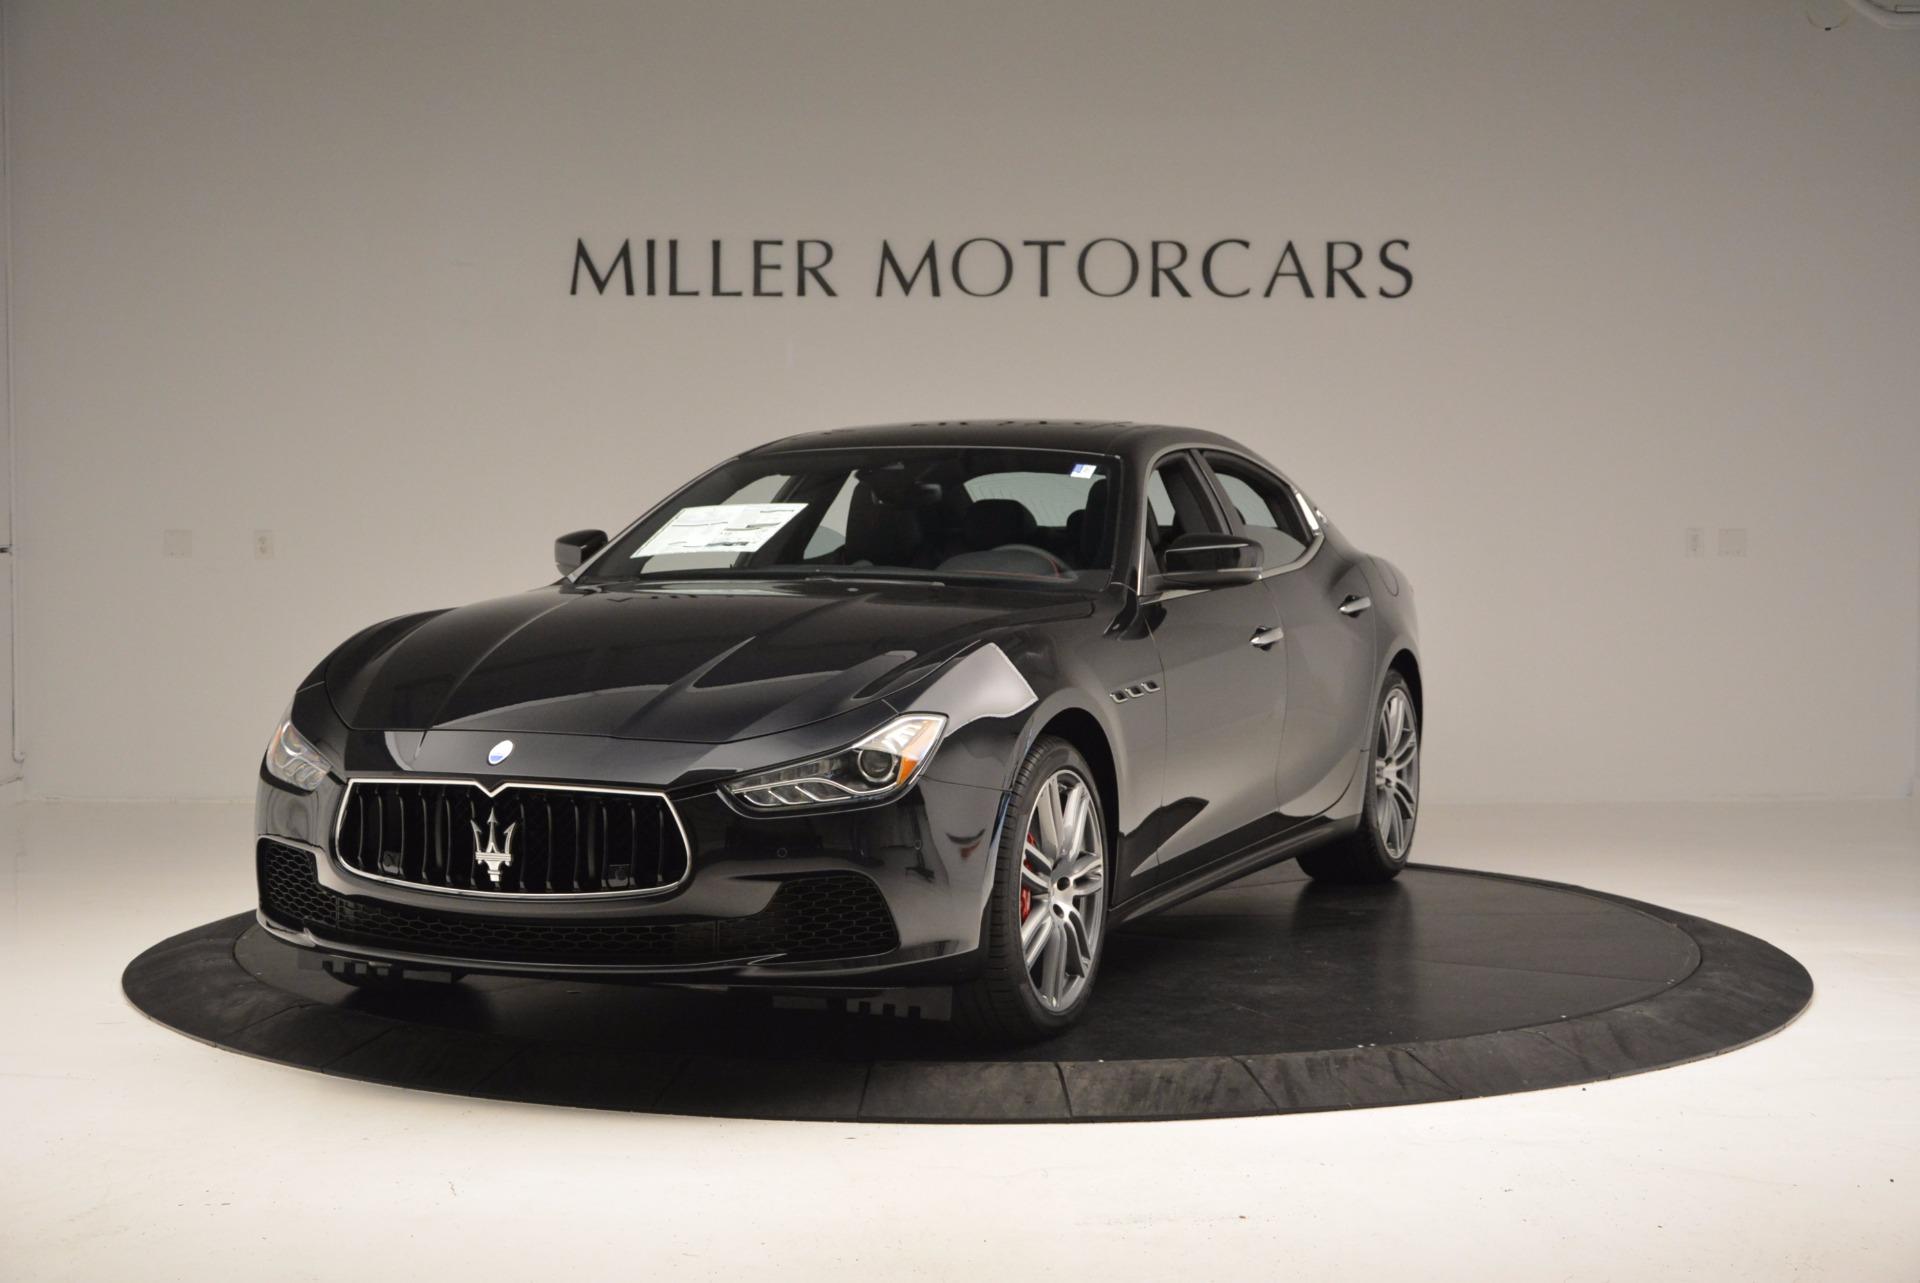 New 2017 Maserati Ghibli SQ4 For Sale In Westport, CT 1108_main